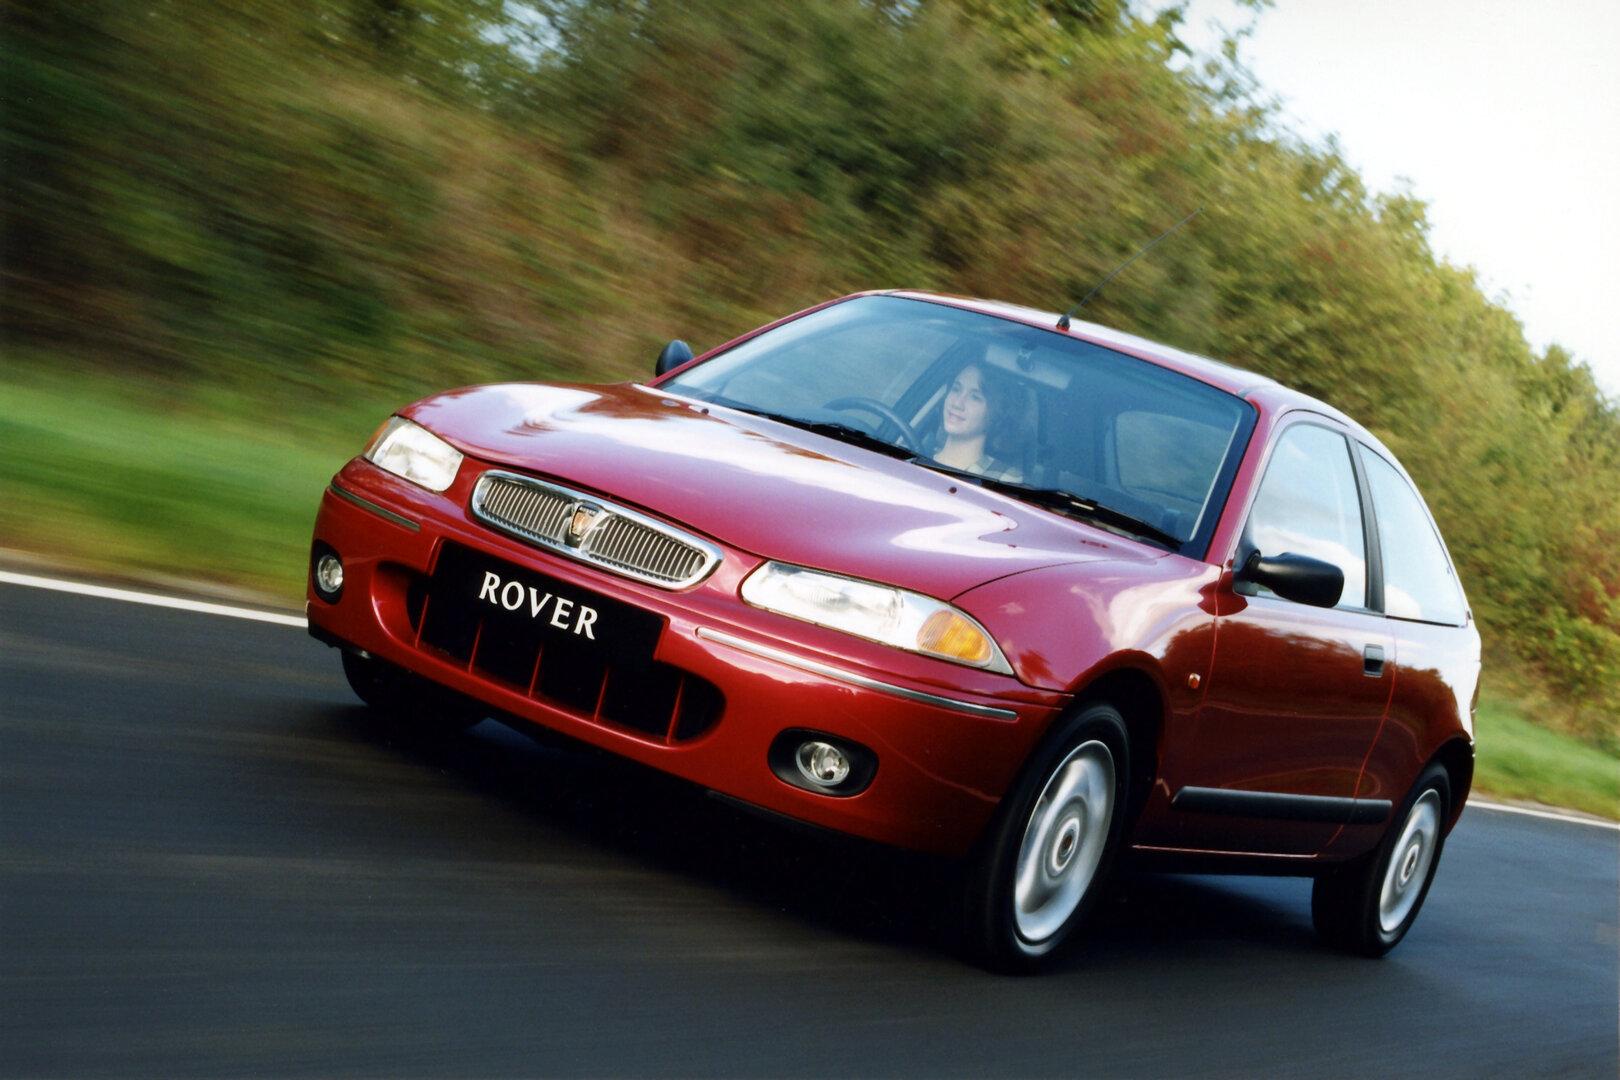 Coche del día: Rover 200 Vi (R3)